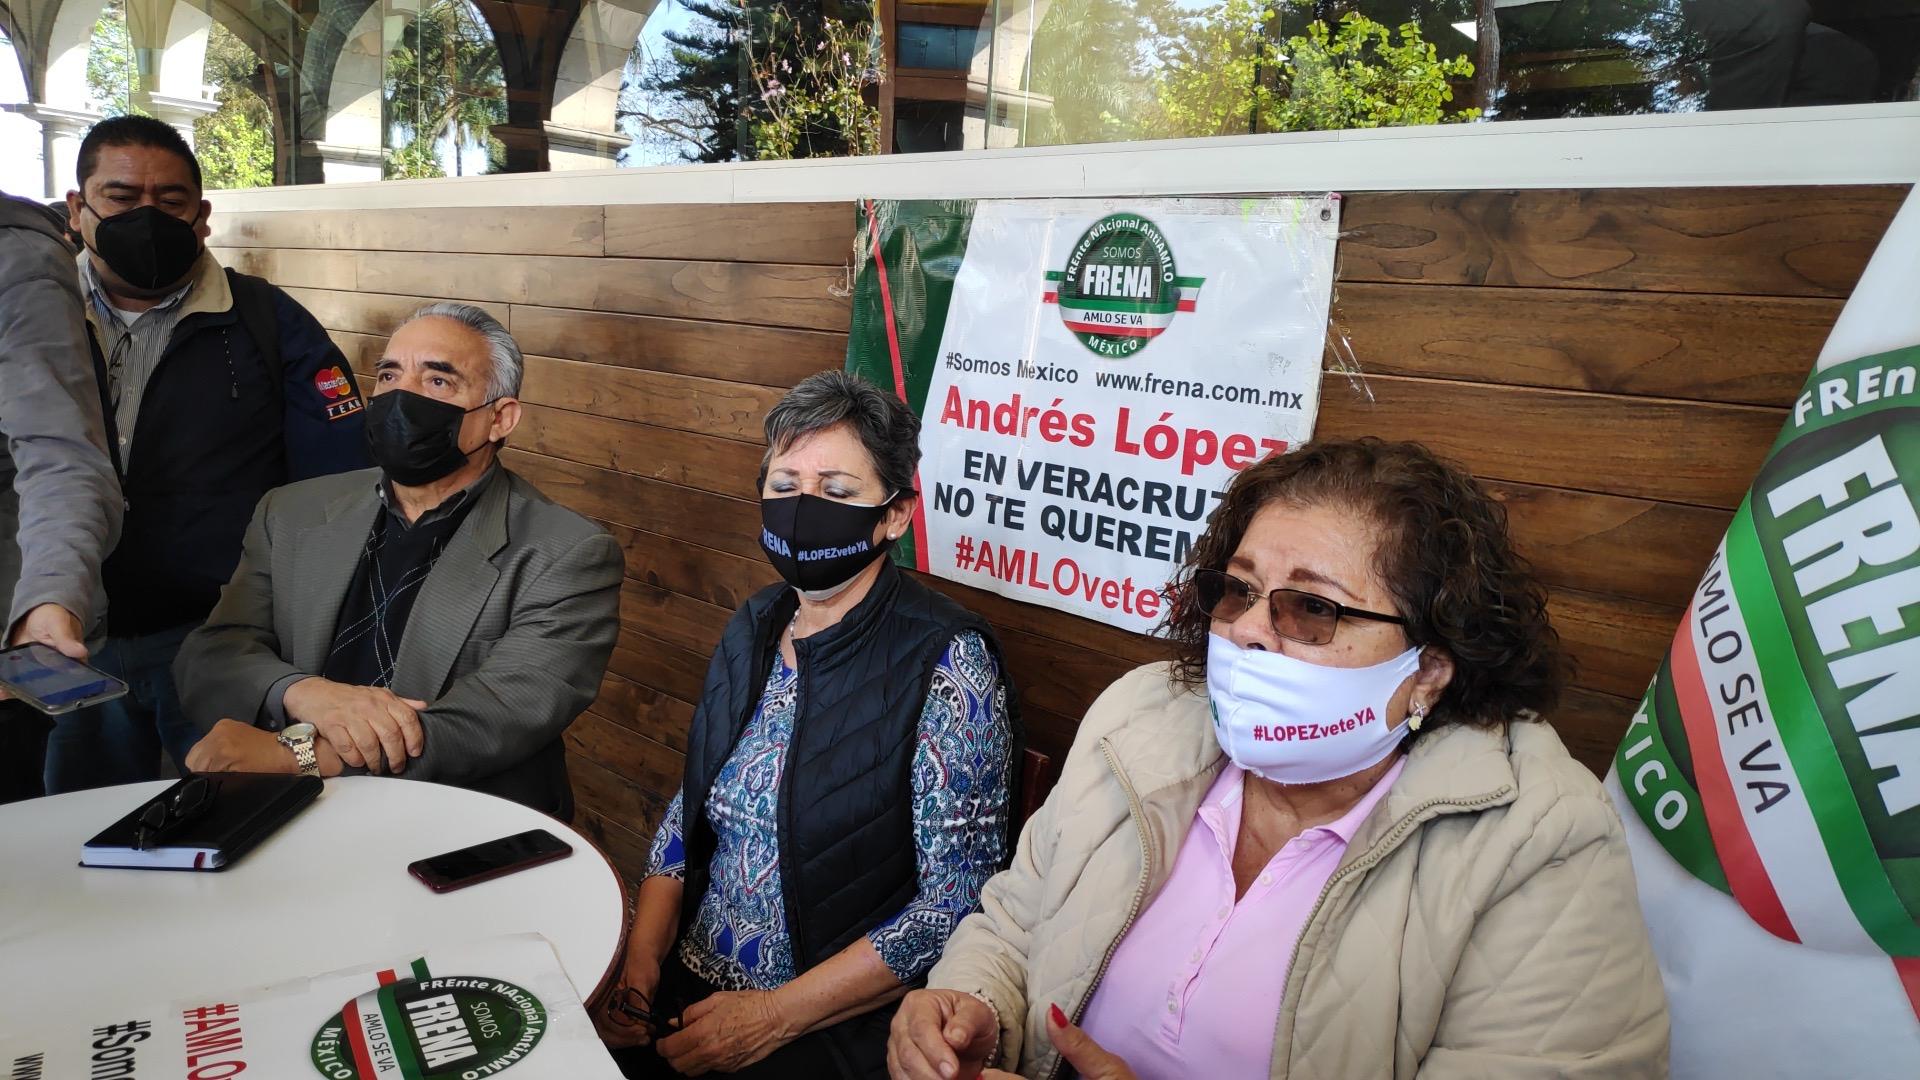 Convoca Frenna a juicio ciudadano contra AMLO, este 14 de marzo